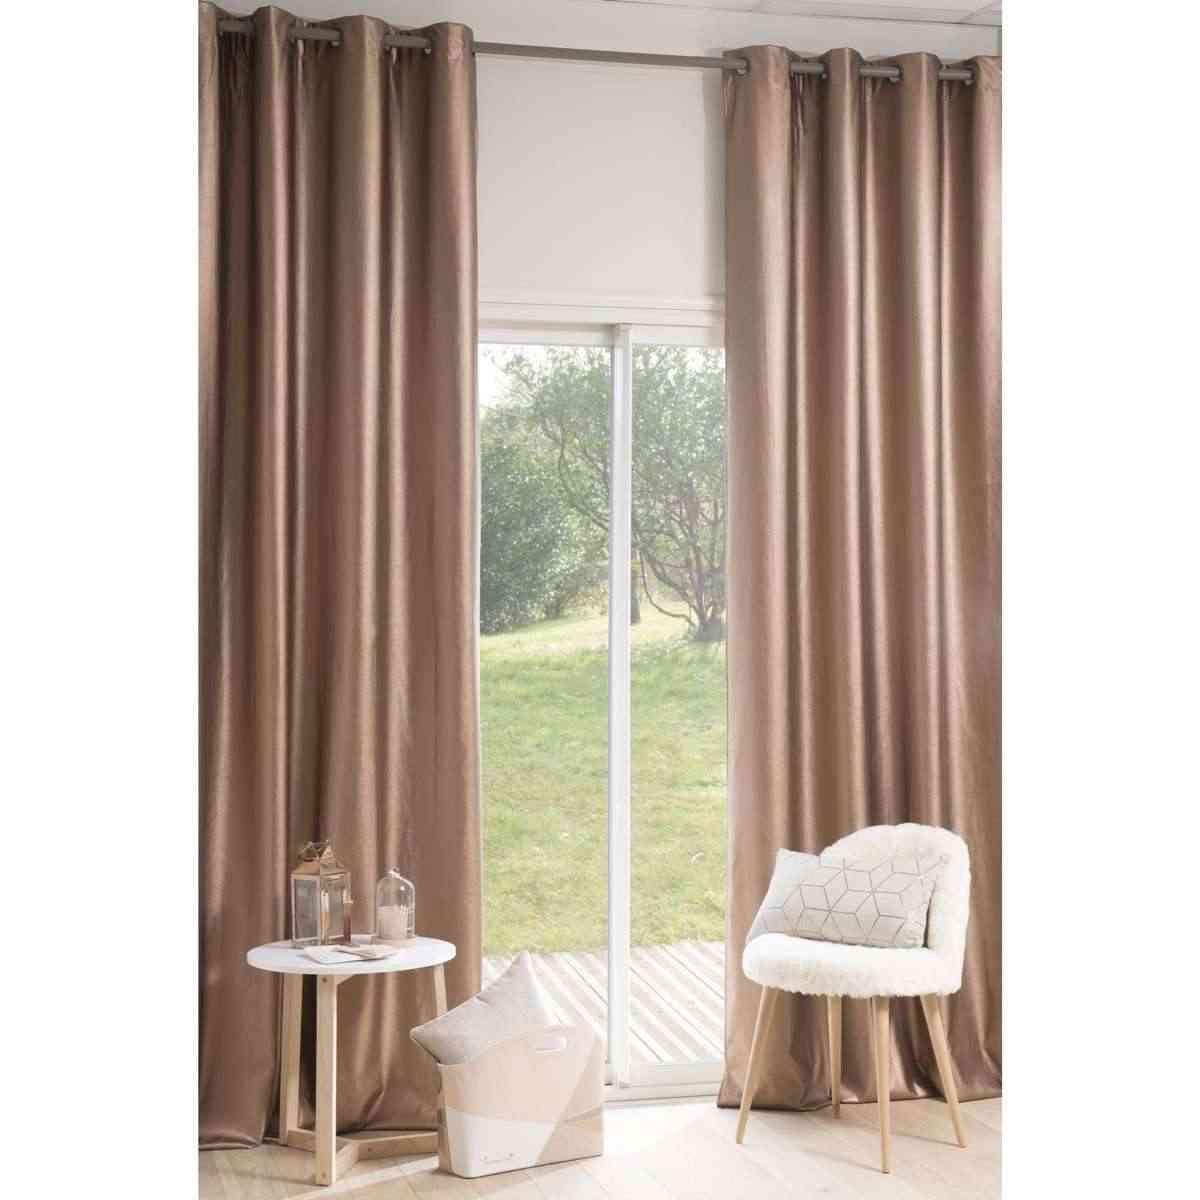 maisons du monde y sus codiciadas cortinas. Black Bedroom Furniture Sets. Home Design Ideas